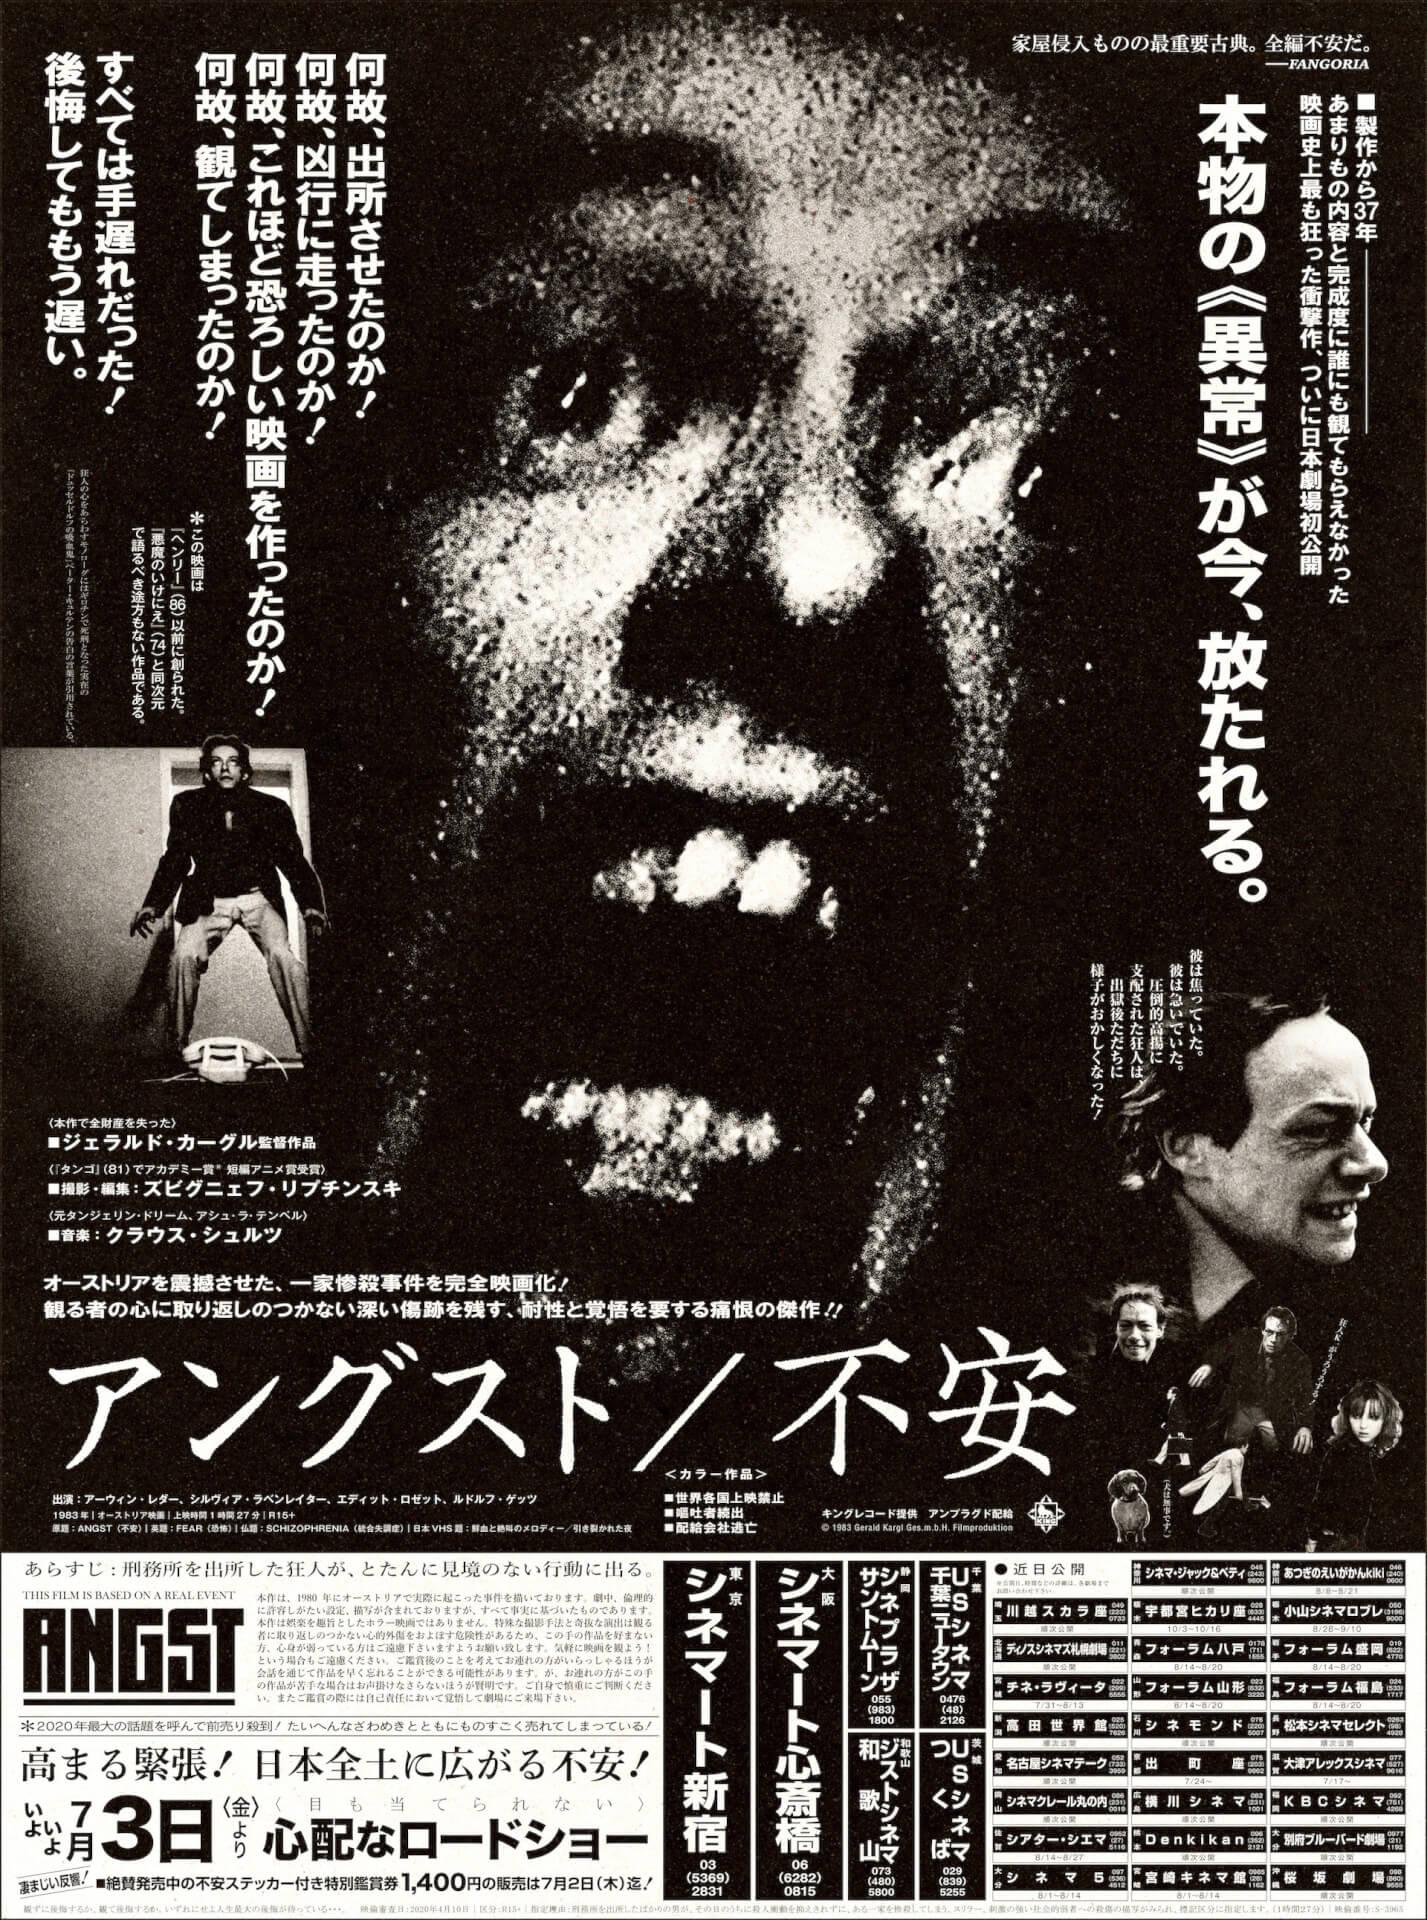 『アングスト/不安』の閲覧注意の本編映像がついに解禁...犯罪心理を知り尽くす専門家が主人公K.の心理状態を分析した結果も公開 film200629_angst_1